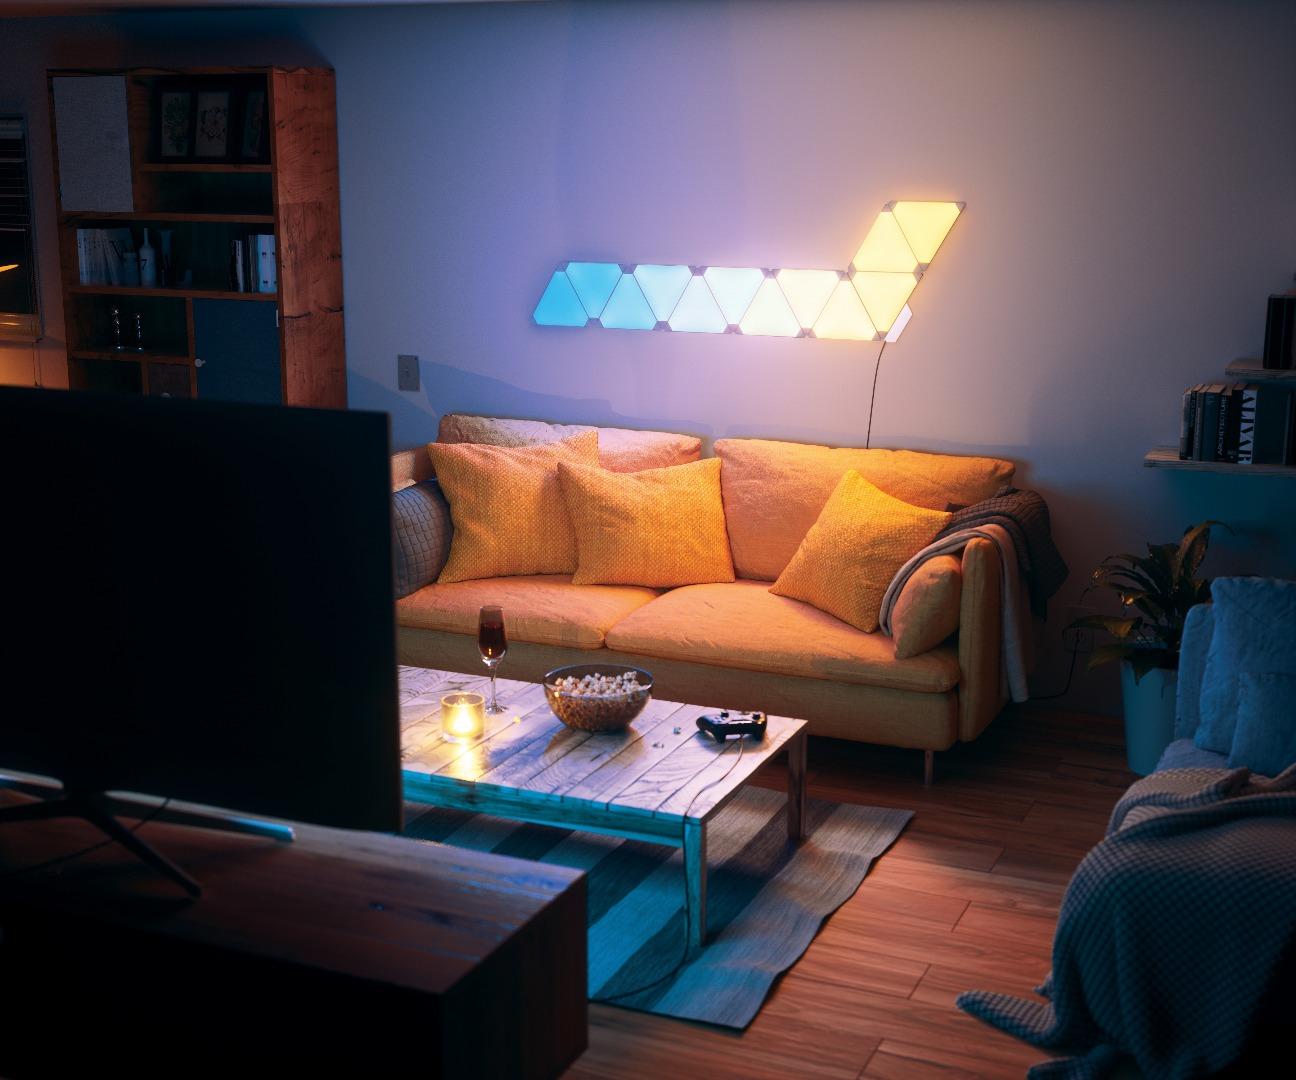 bamboo source tropical home decor with red sofa and blue.htm s newatlas com nanoleaf aurora smarter kit 45681 2016 11 01  s newatlas com nanoleaf aurora